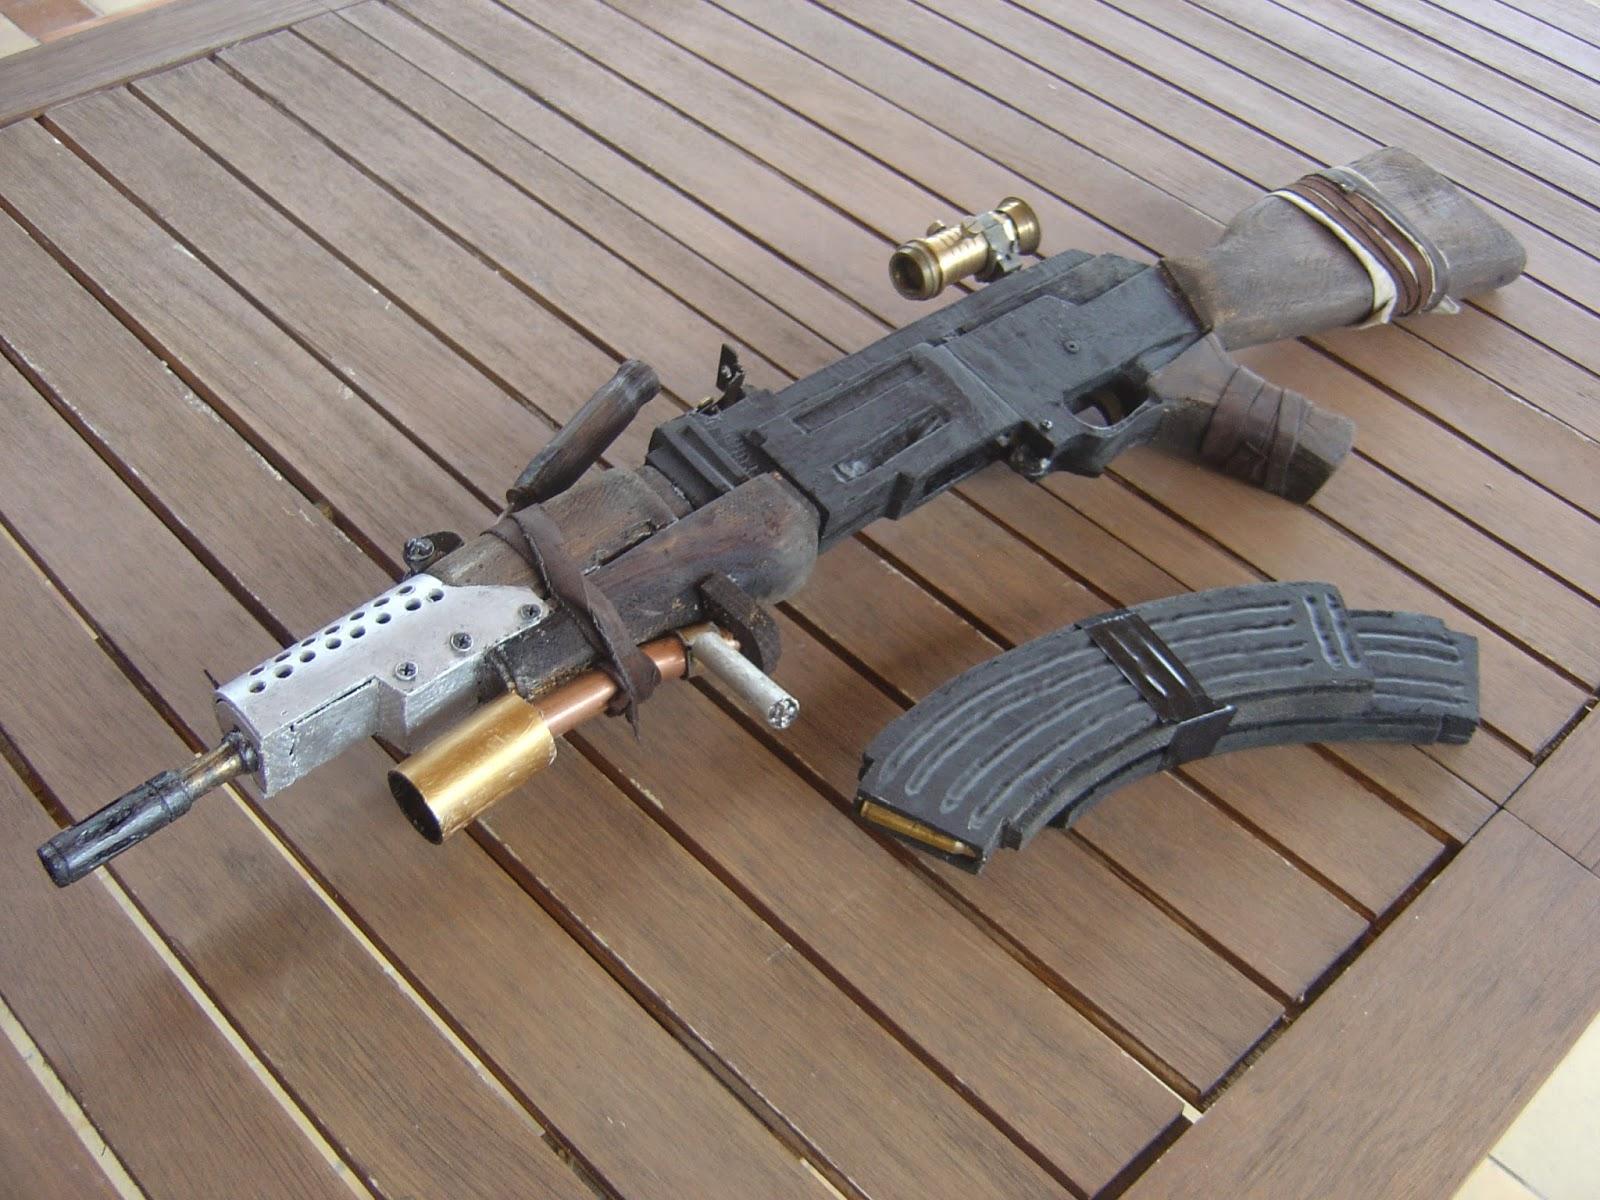 armes lara croft